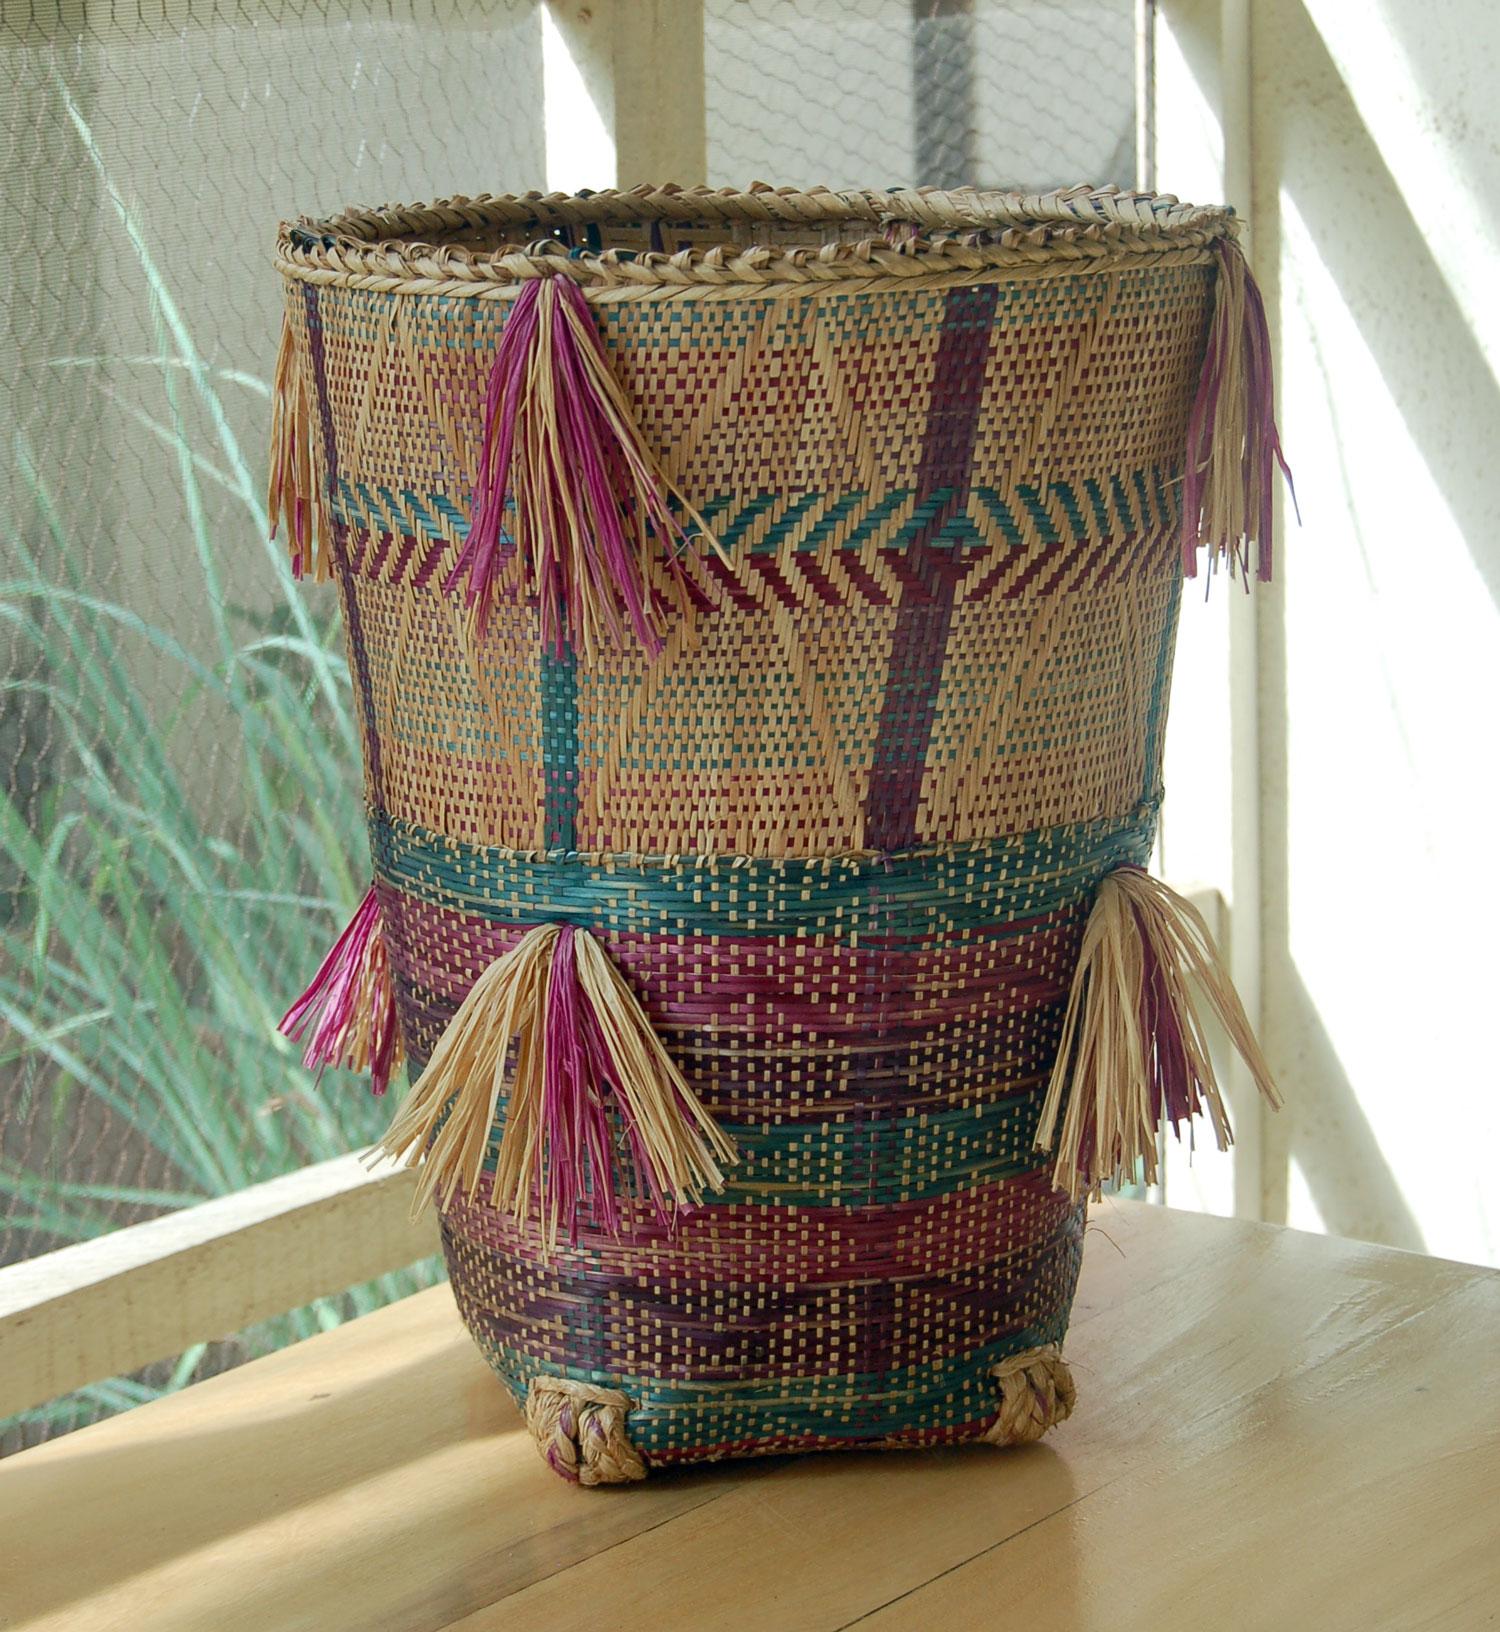 Deep Planter Baskets (Tea Harvester Baskets) – Set of 2